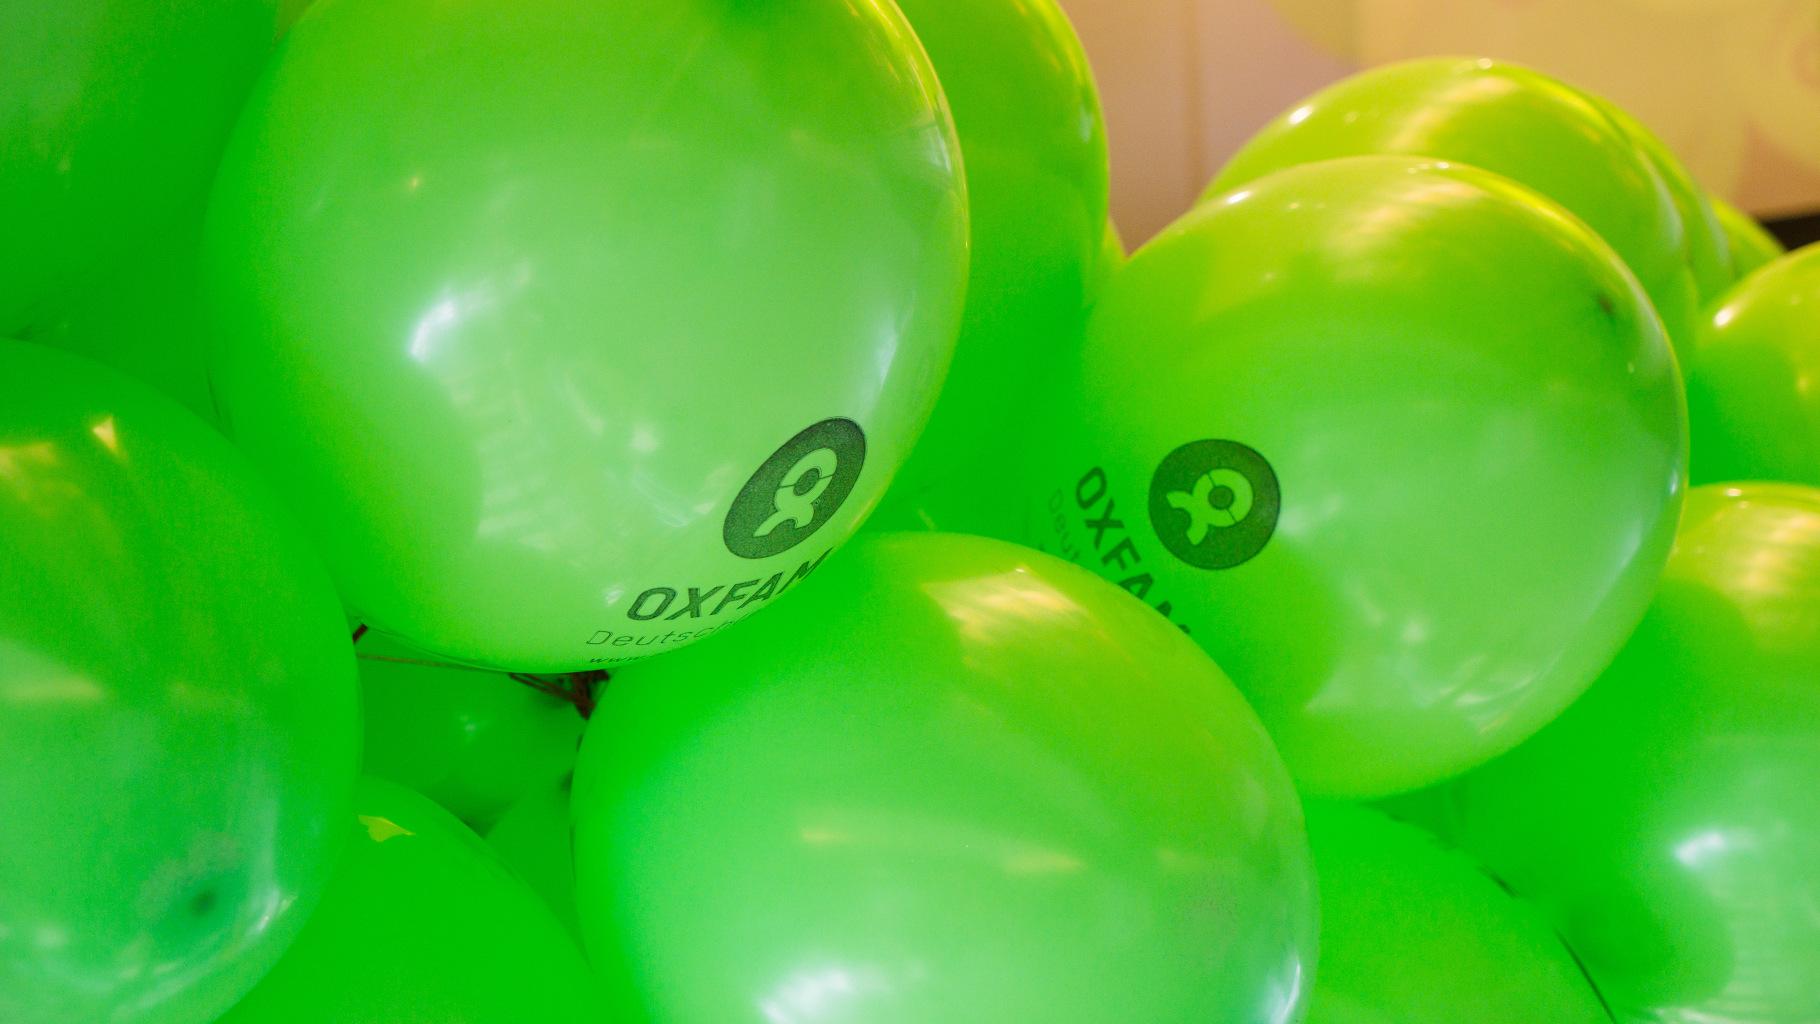 Secondhand kaufen spenden in braunschweig oxfam shop for Oxfam spenden